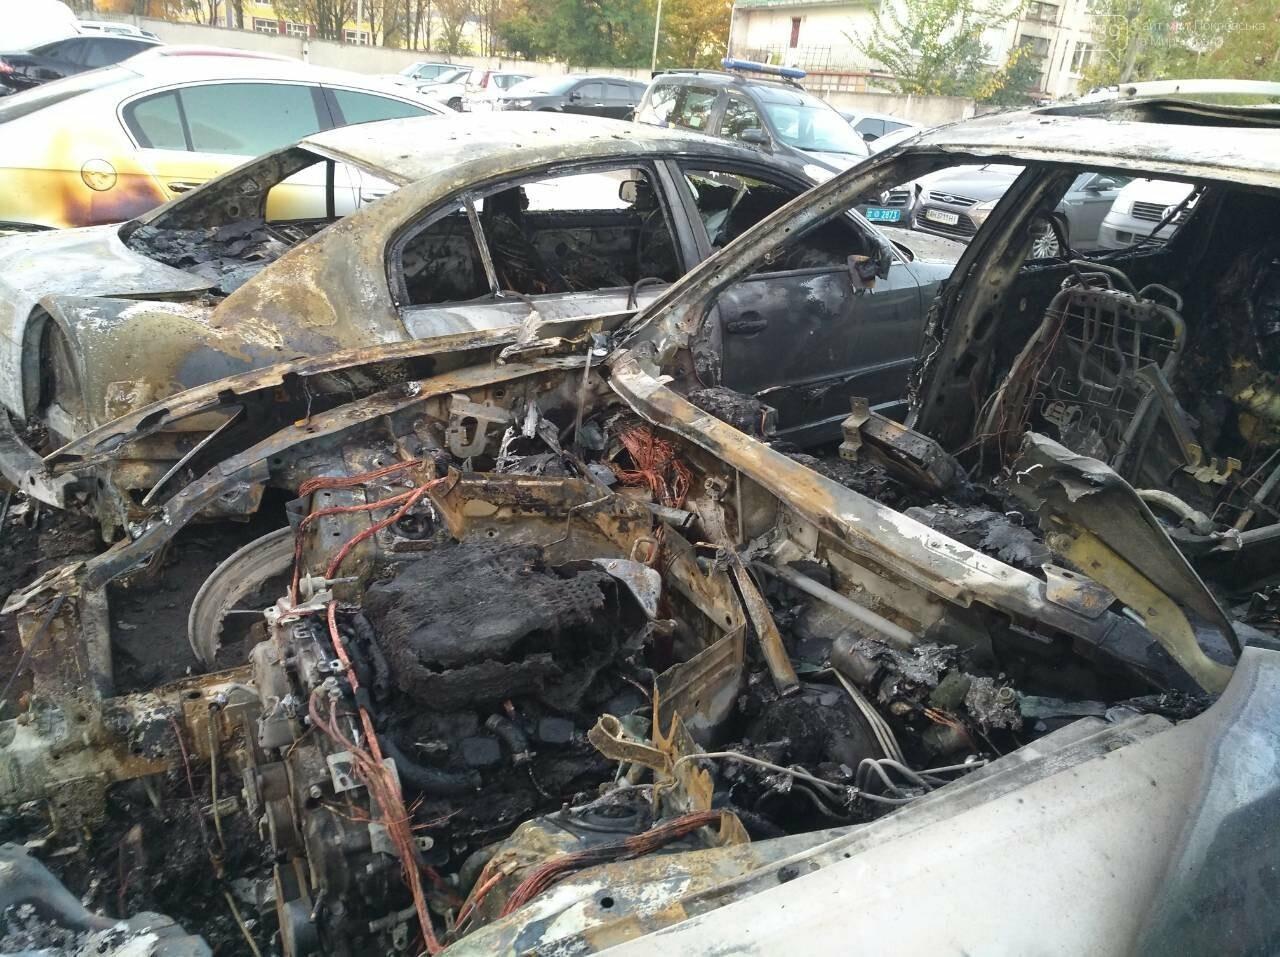 Поджог или  случайность: в Покровске этой ночью горели 4 автомобиля, фото-6